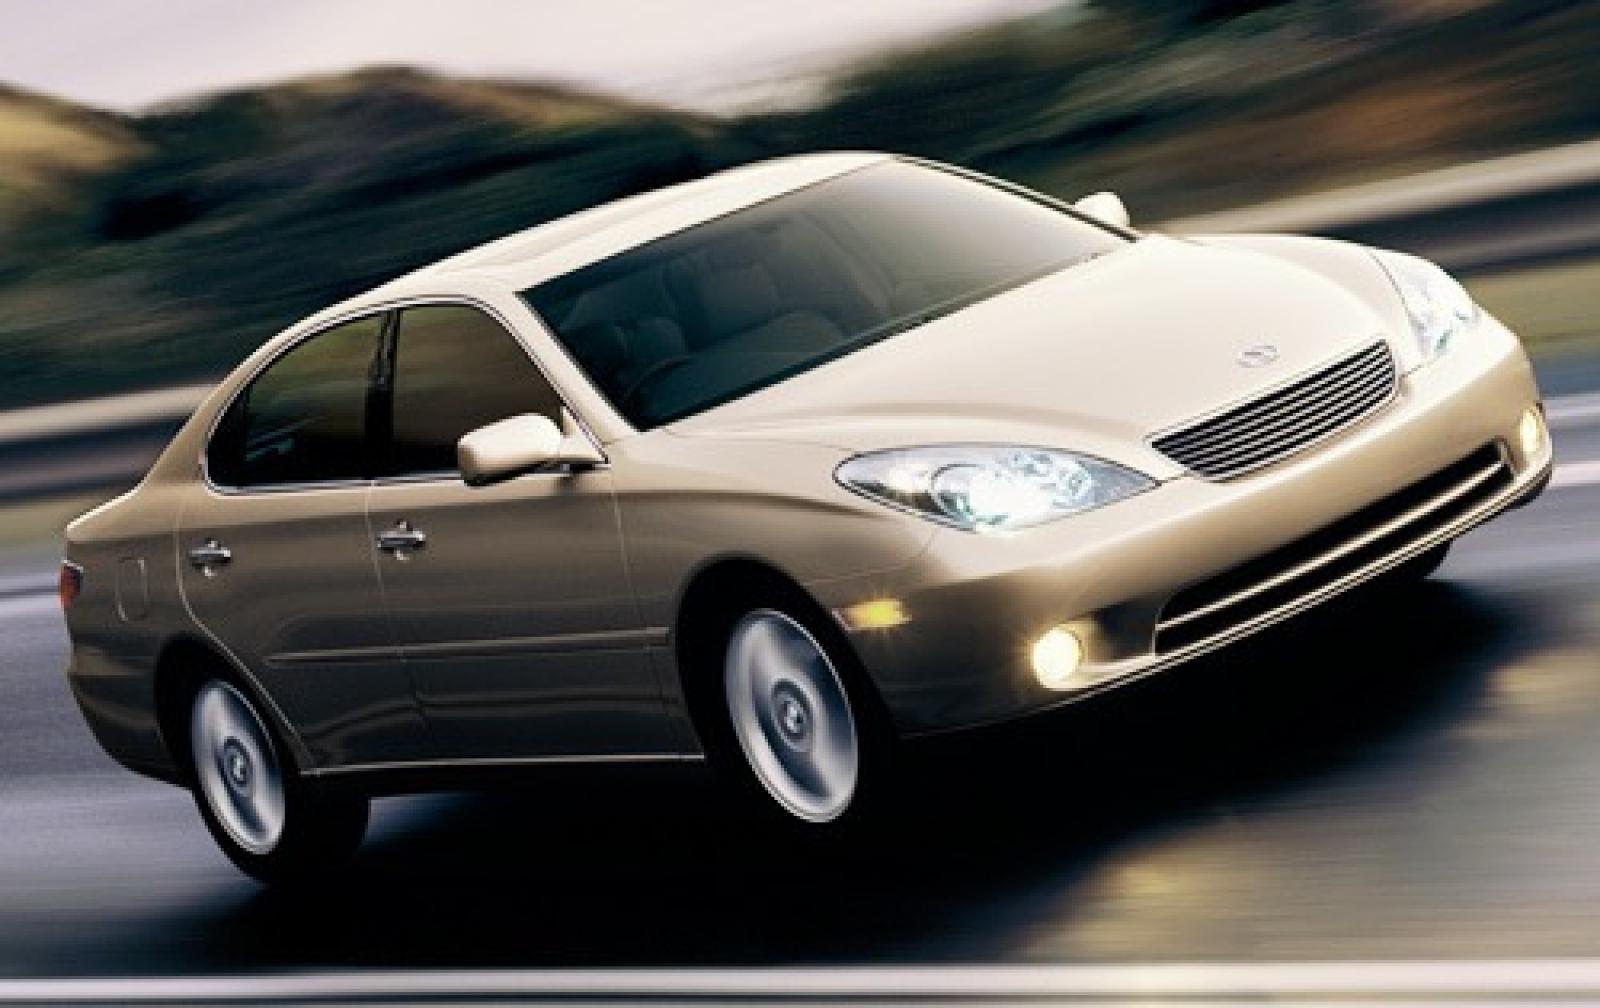 2006 Lexus ES 330 #1 800 1024 1280 1600 Origin